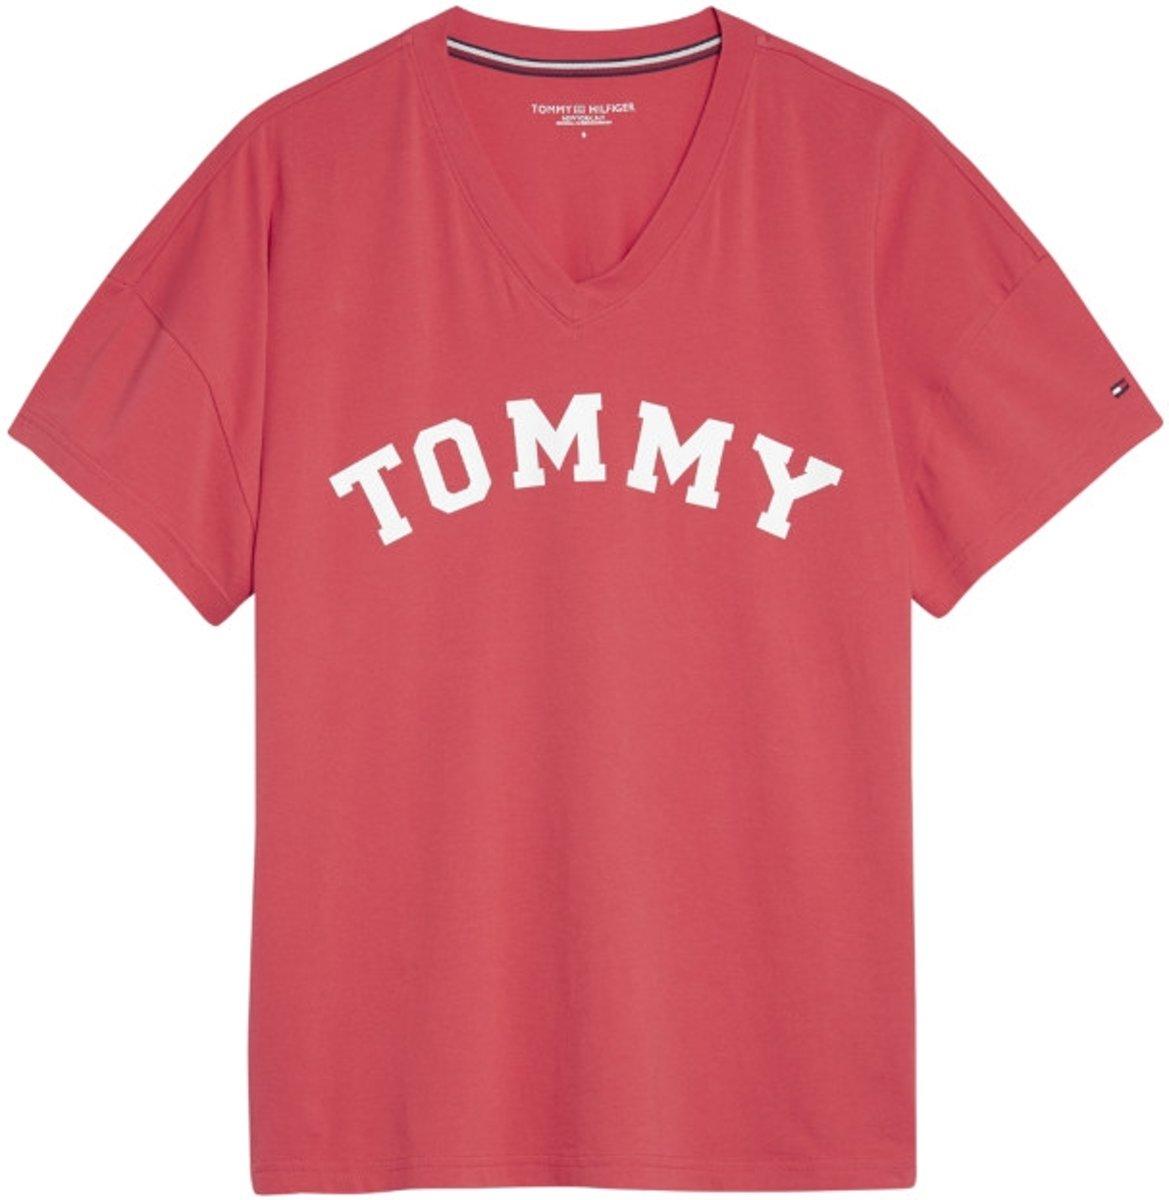 Tommy Hilfiger dames t-shirt v-neck-M kopen